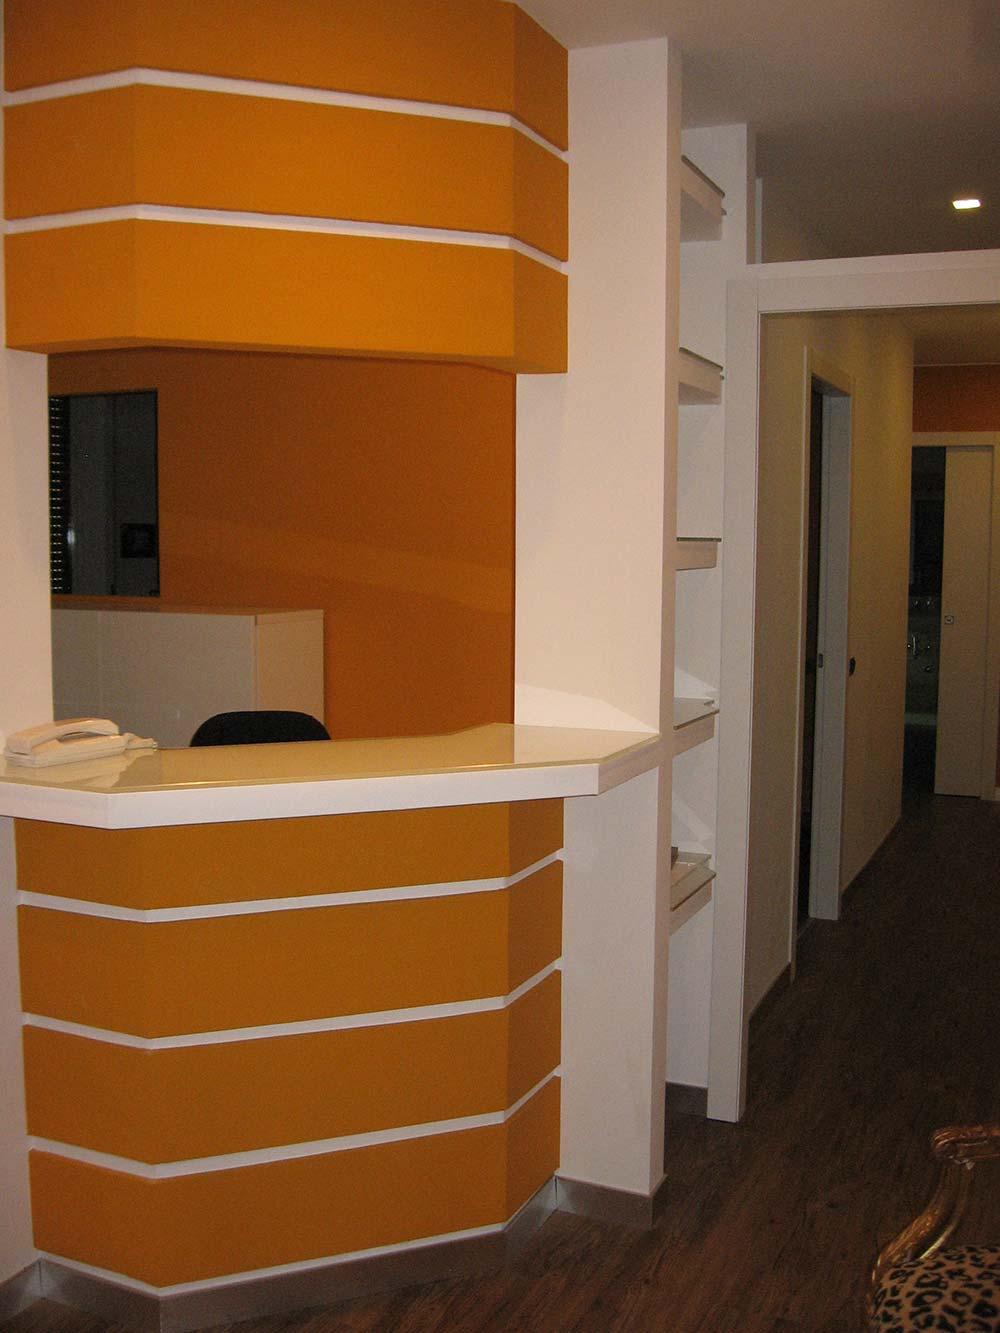 Ufficio progettazione d 39 interni milano e monza brianza for Arredamento monza e brianza